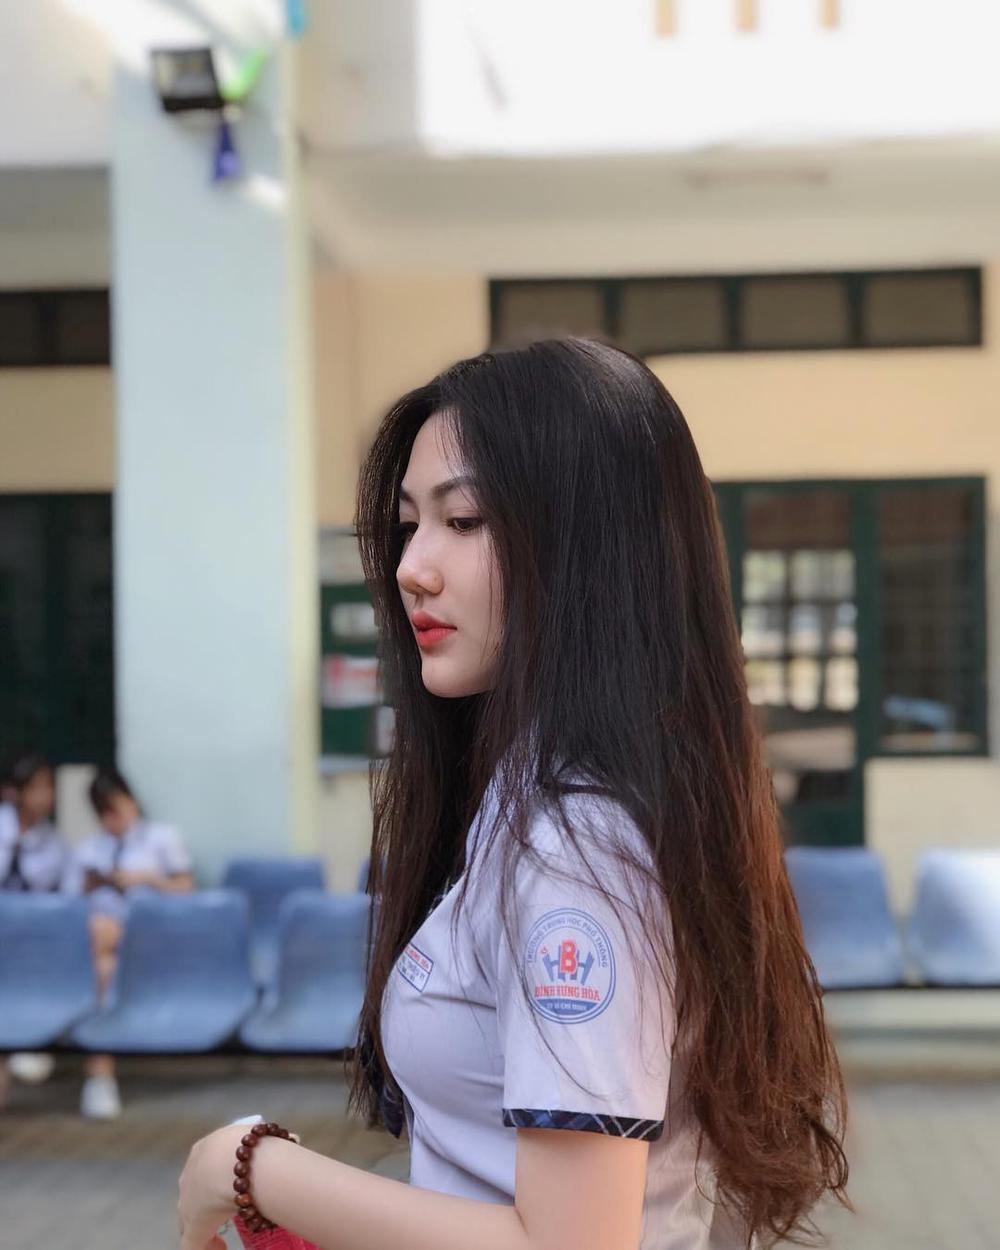 Vẻ đẹp trong trẻo của cô nữ sinh 17 tuổi.